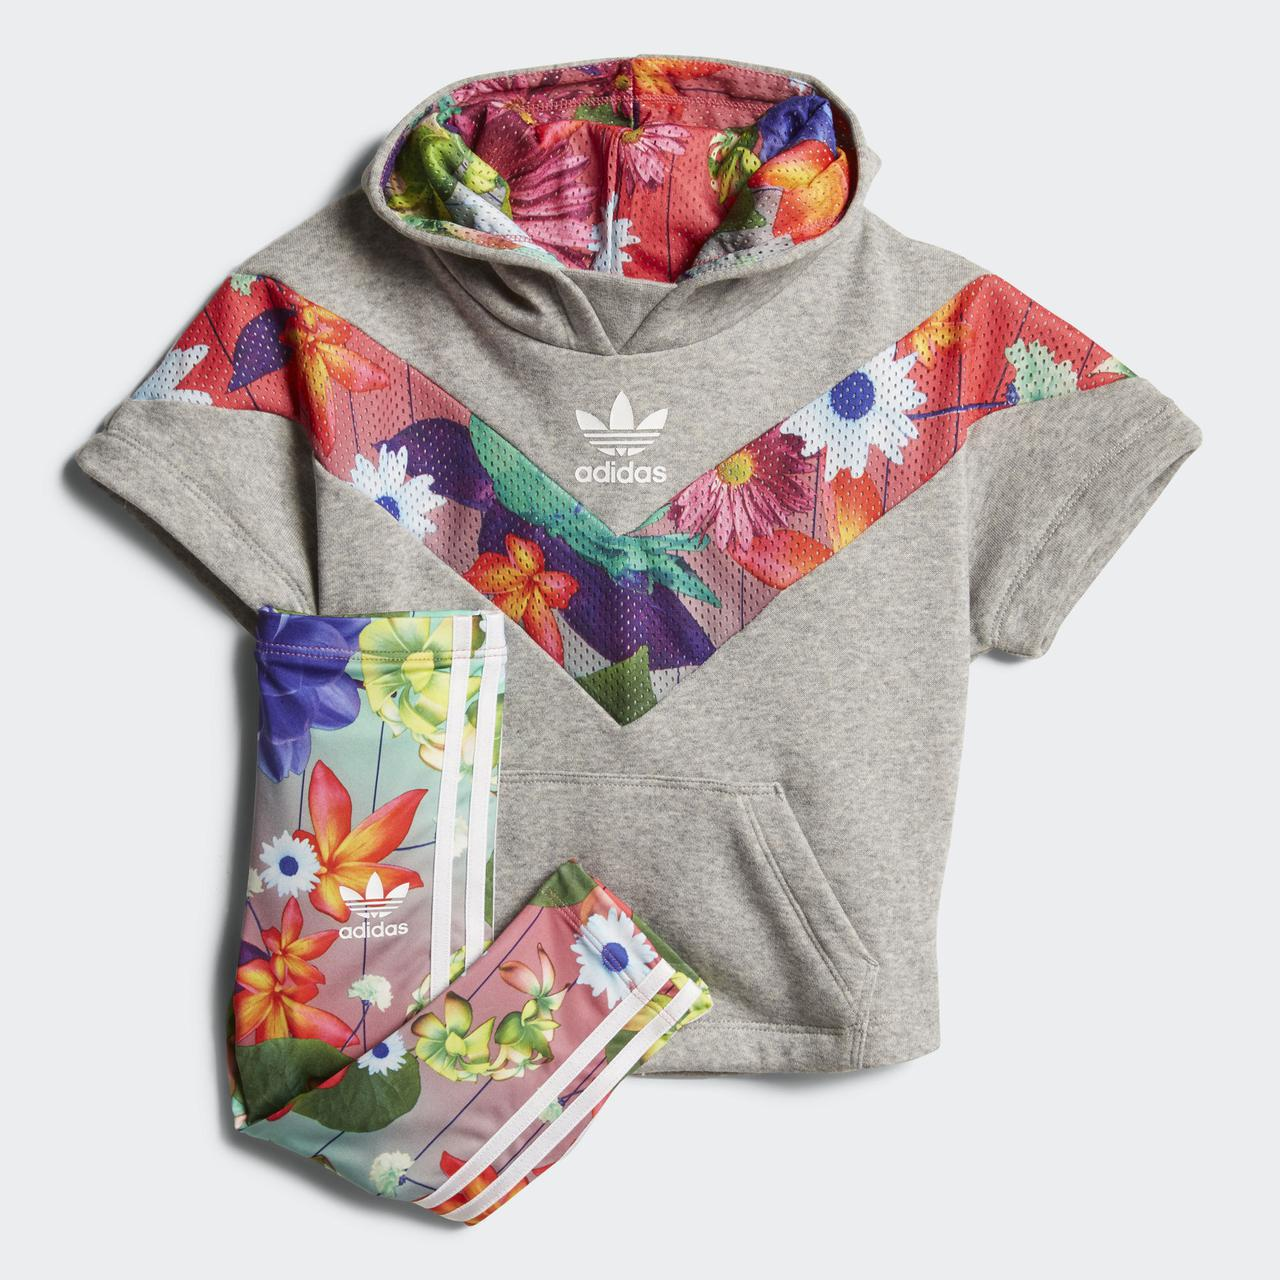 Купить Детский костюм Adidas Originals Graphic (Артикул  CE4385) в ... 4ddca6a9f94